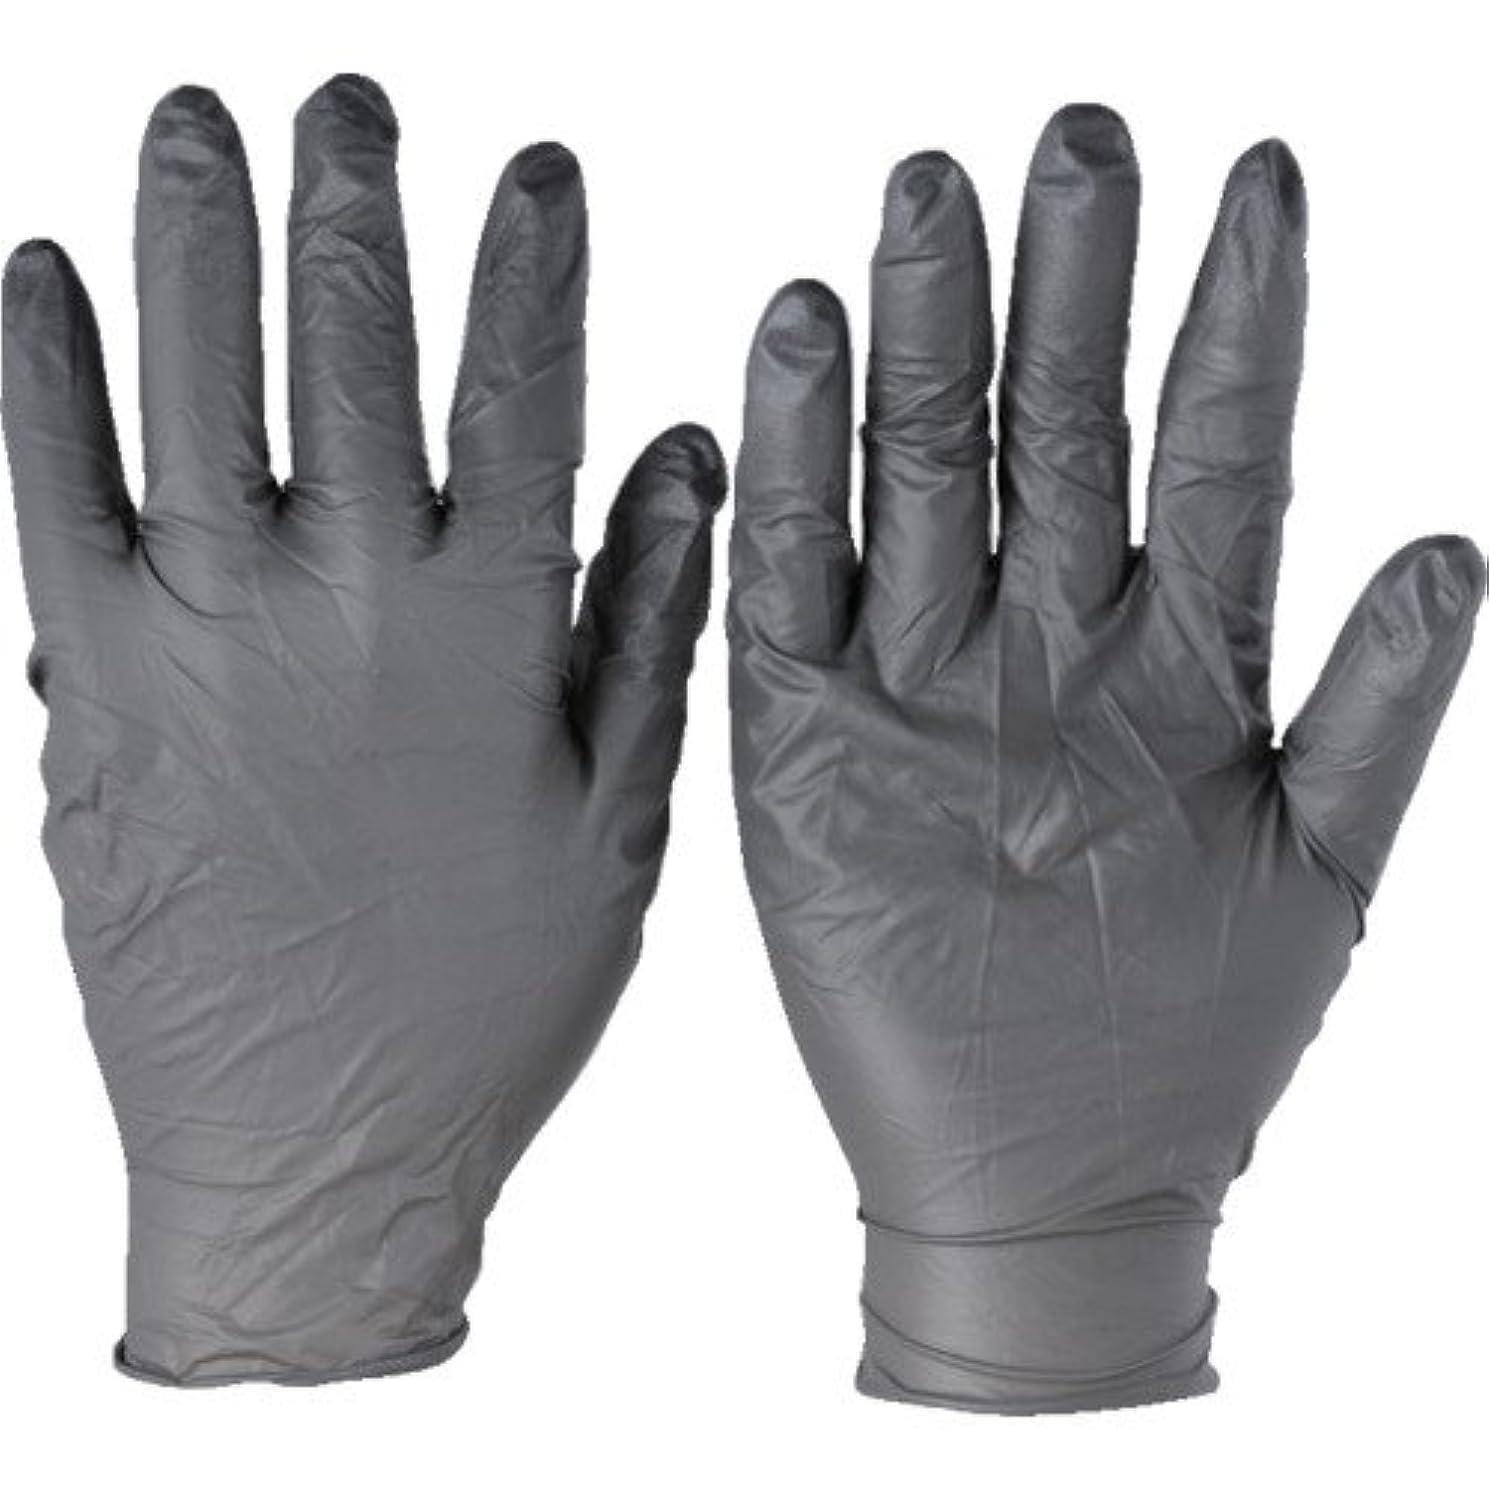 鎮静剤接続されたどんなときもトラスコ中山 アンセル ニトリルゴム使い捨て手袋 タッチエヌタフ 粉無 XLサイズ100枚入 9325010